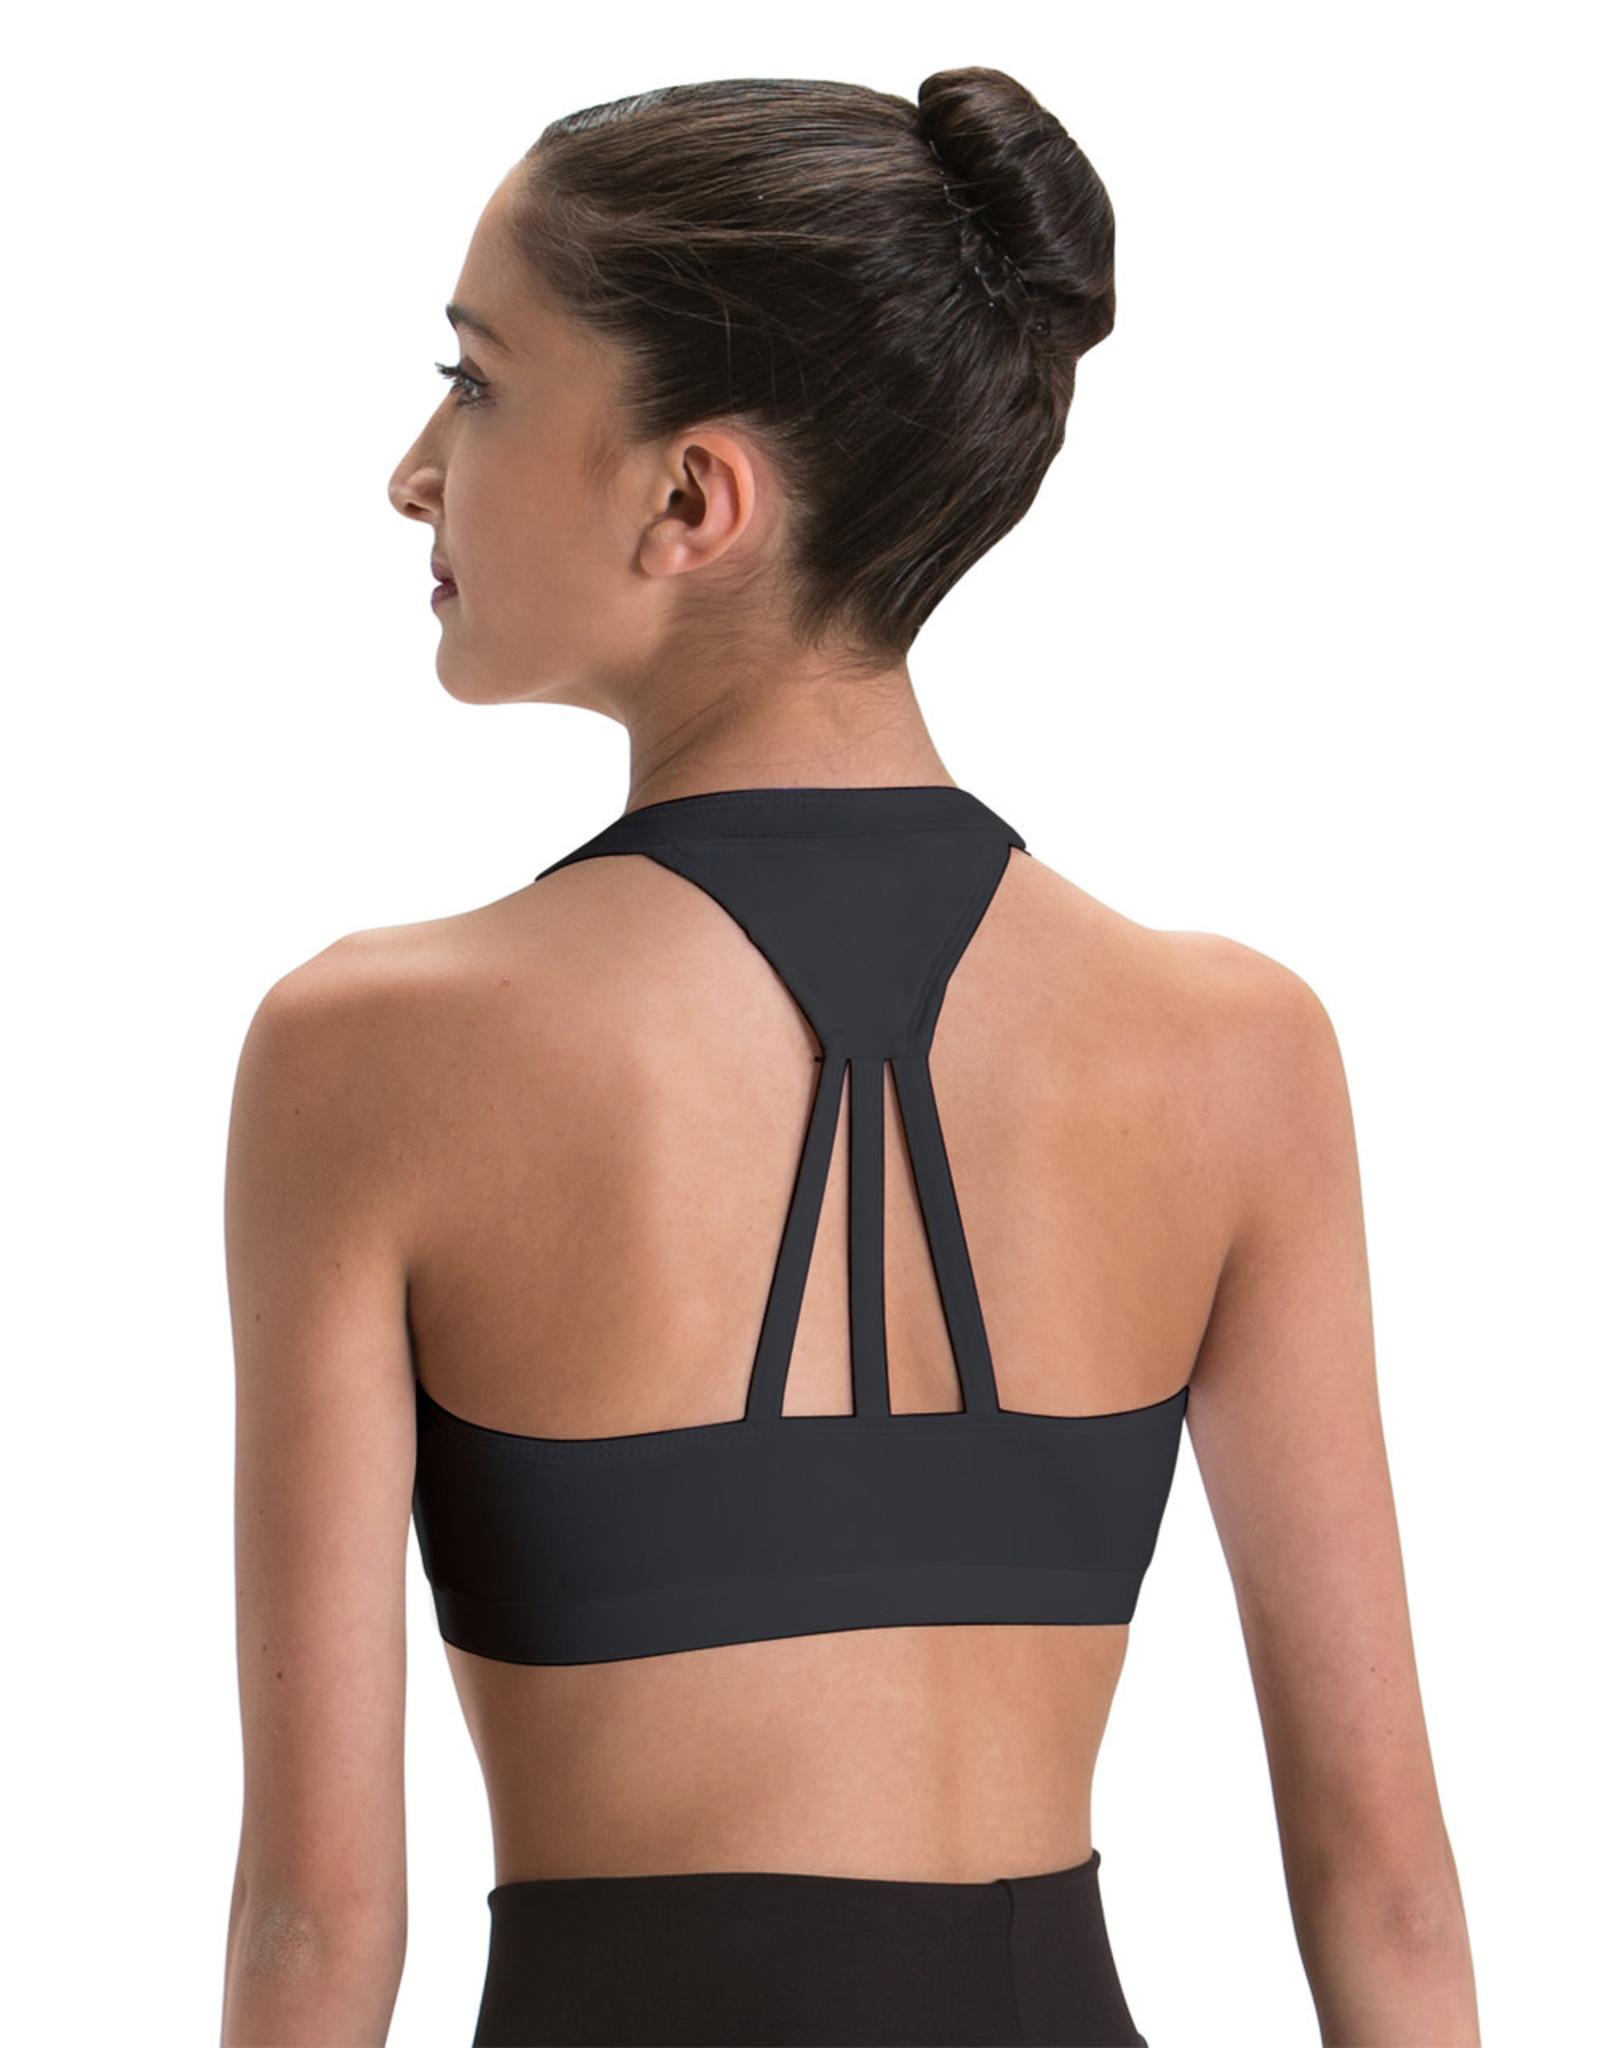 Motionwear Motionwear Adult Wide V-Neck Halter 3-Strap Back